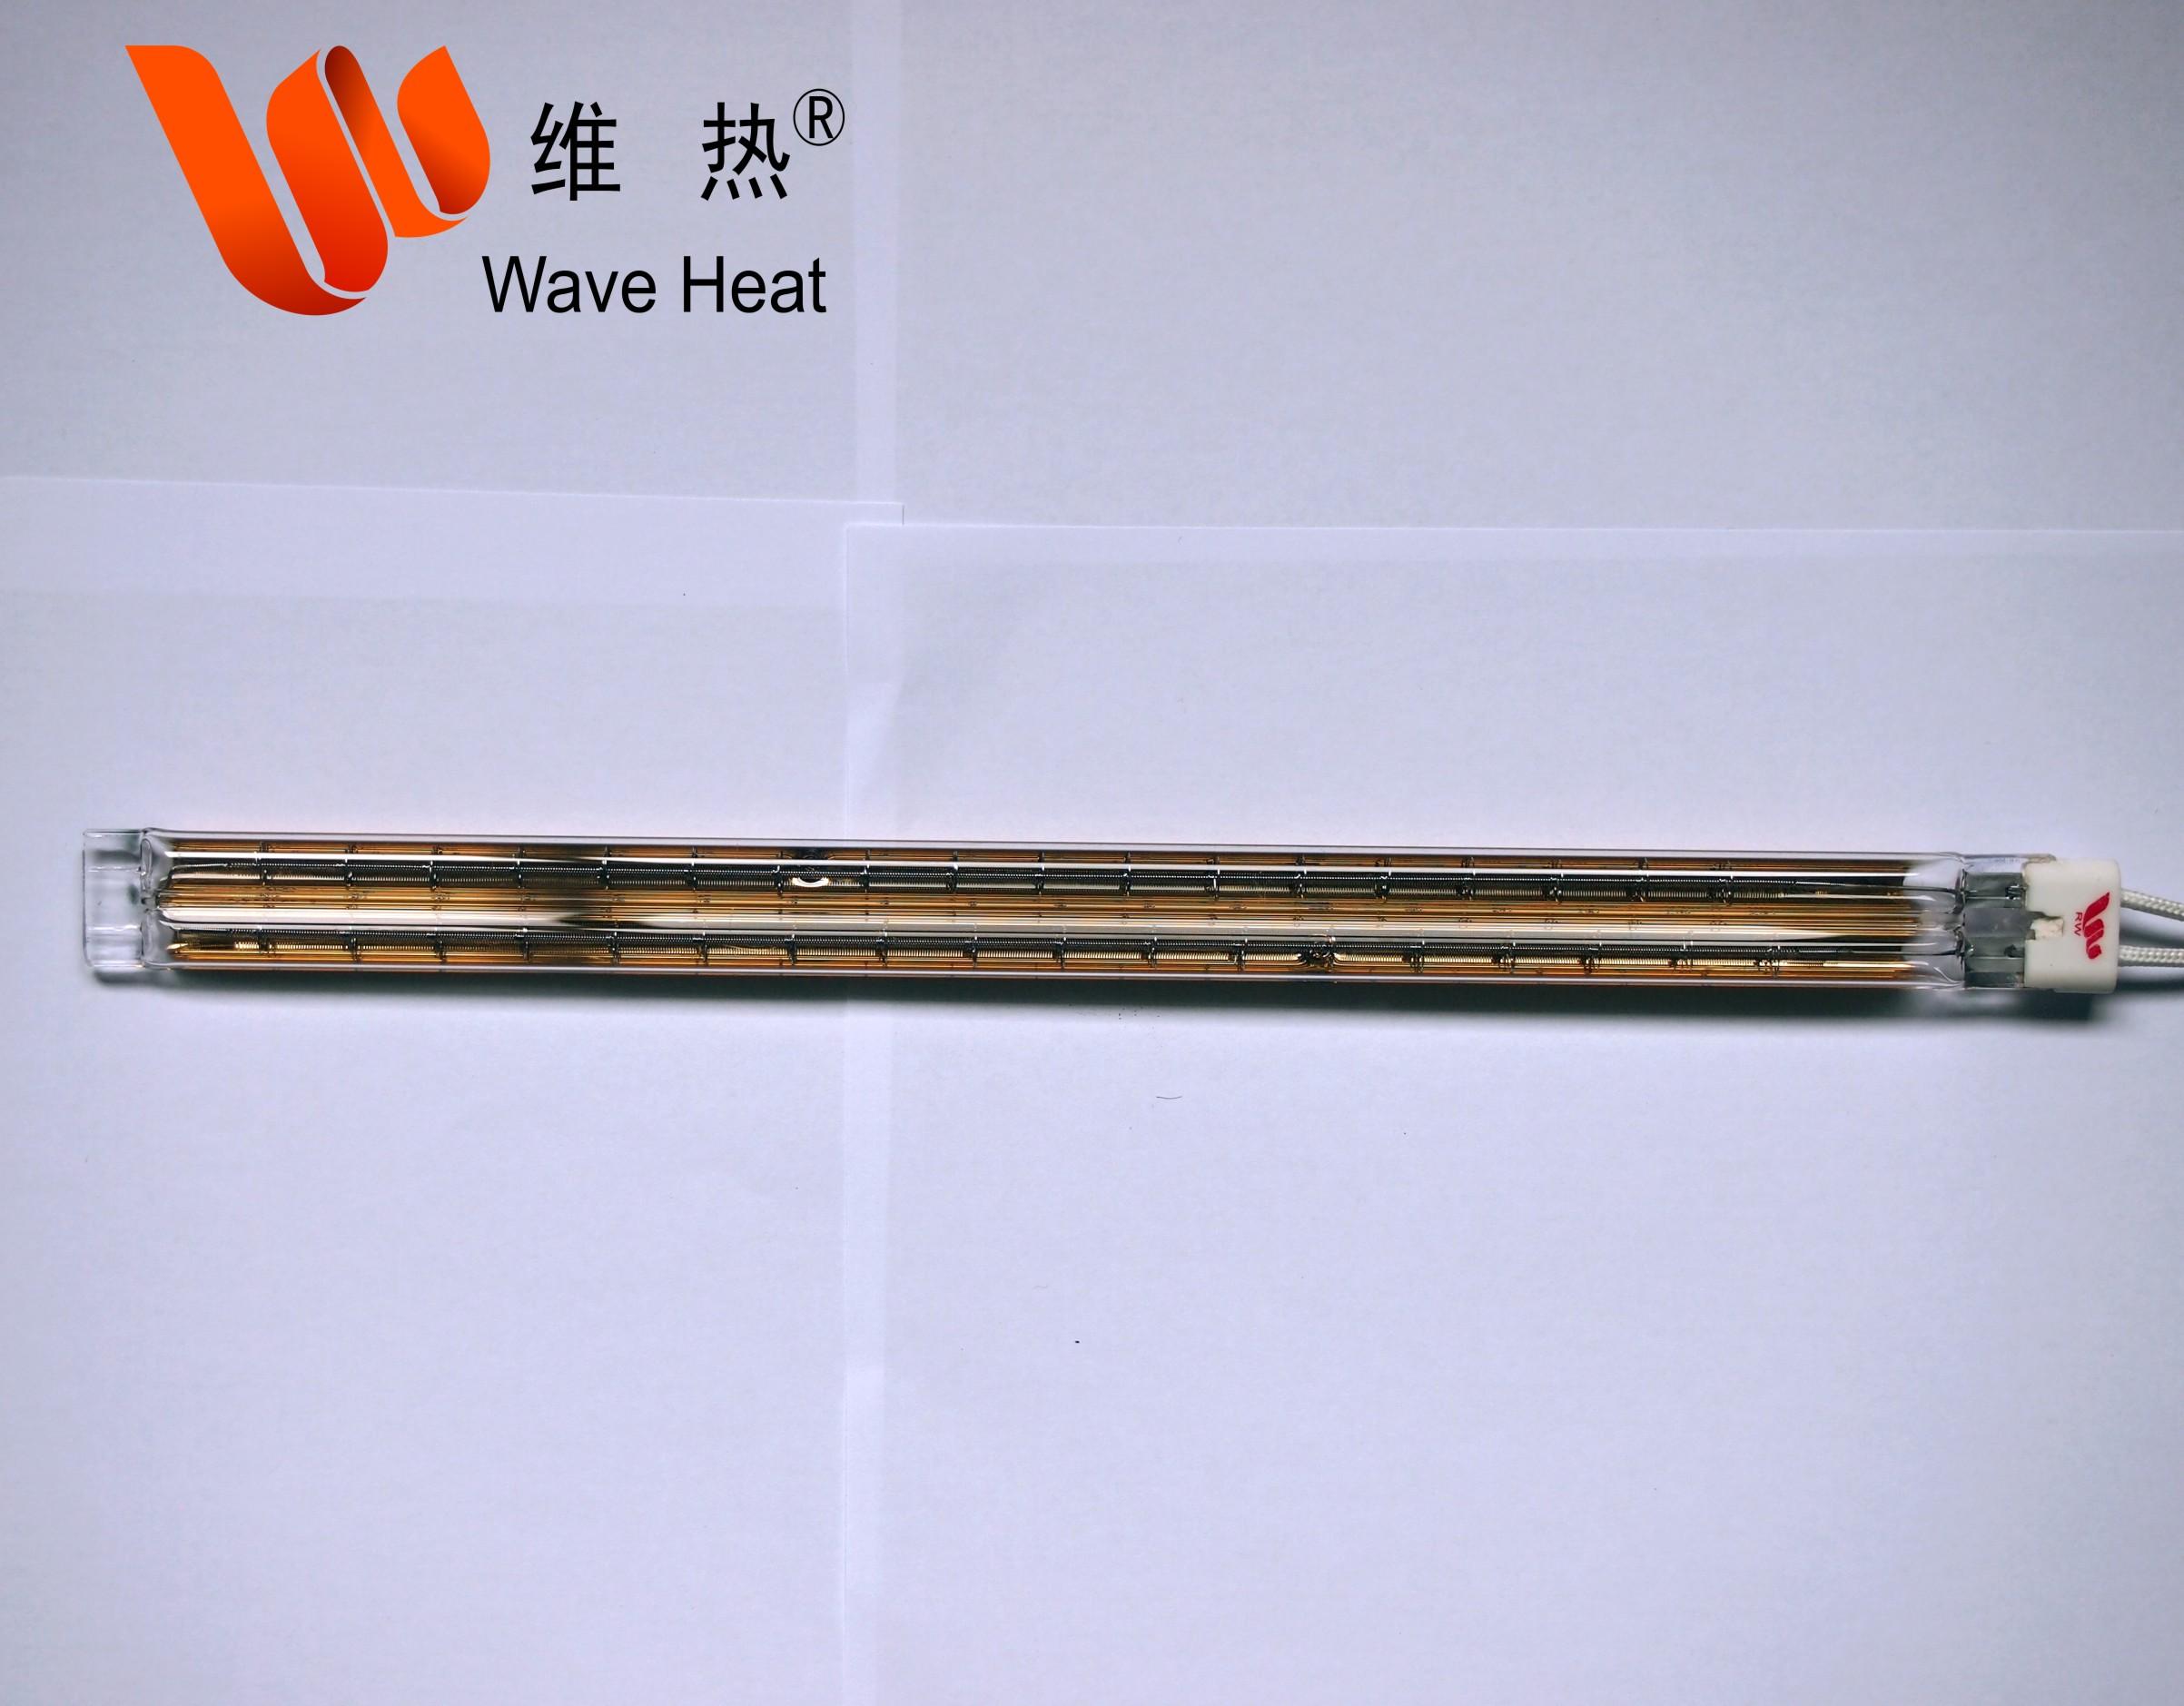 【厂家直销】短波红外辐射器 红外线加热管 红外线发热管 红外线干燥器